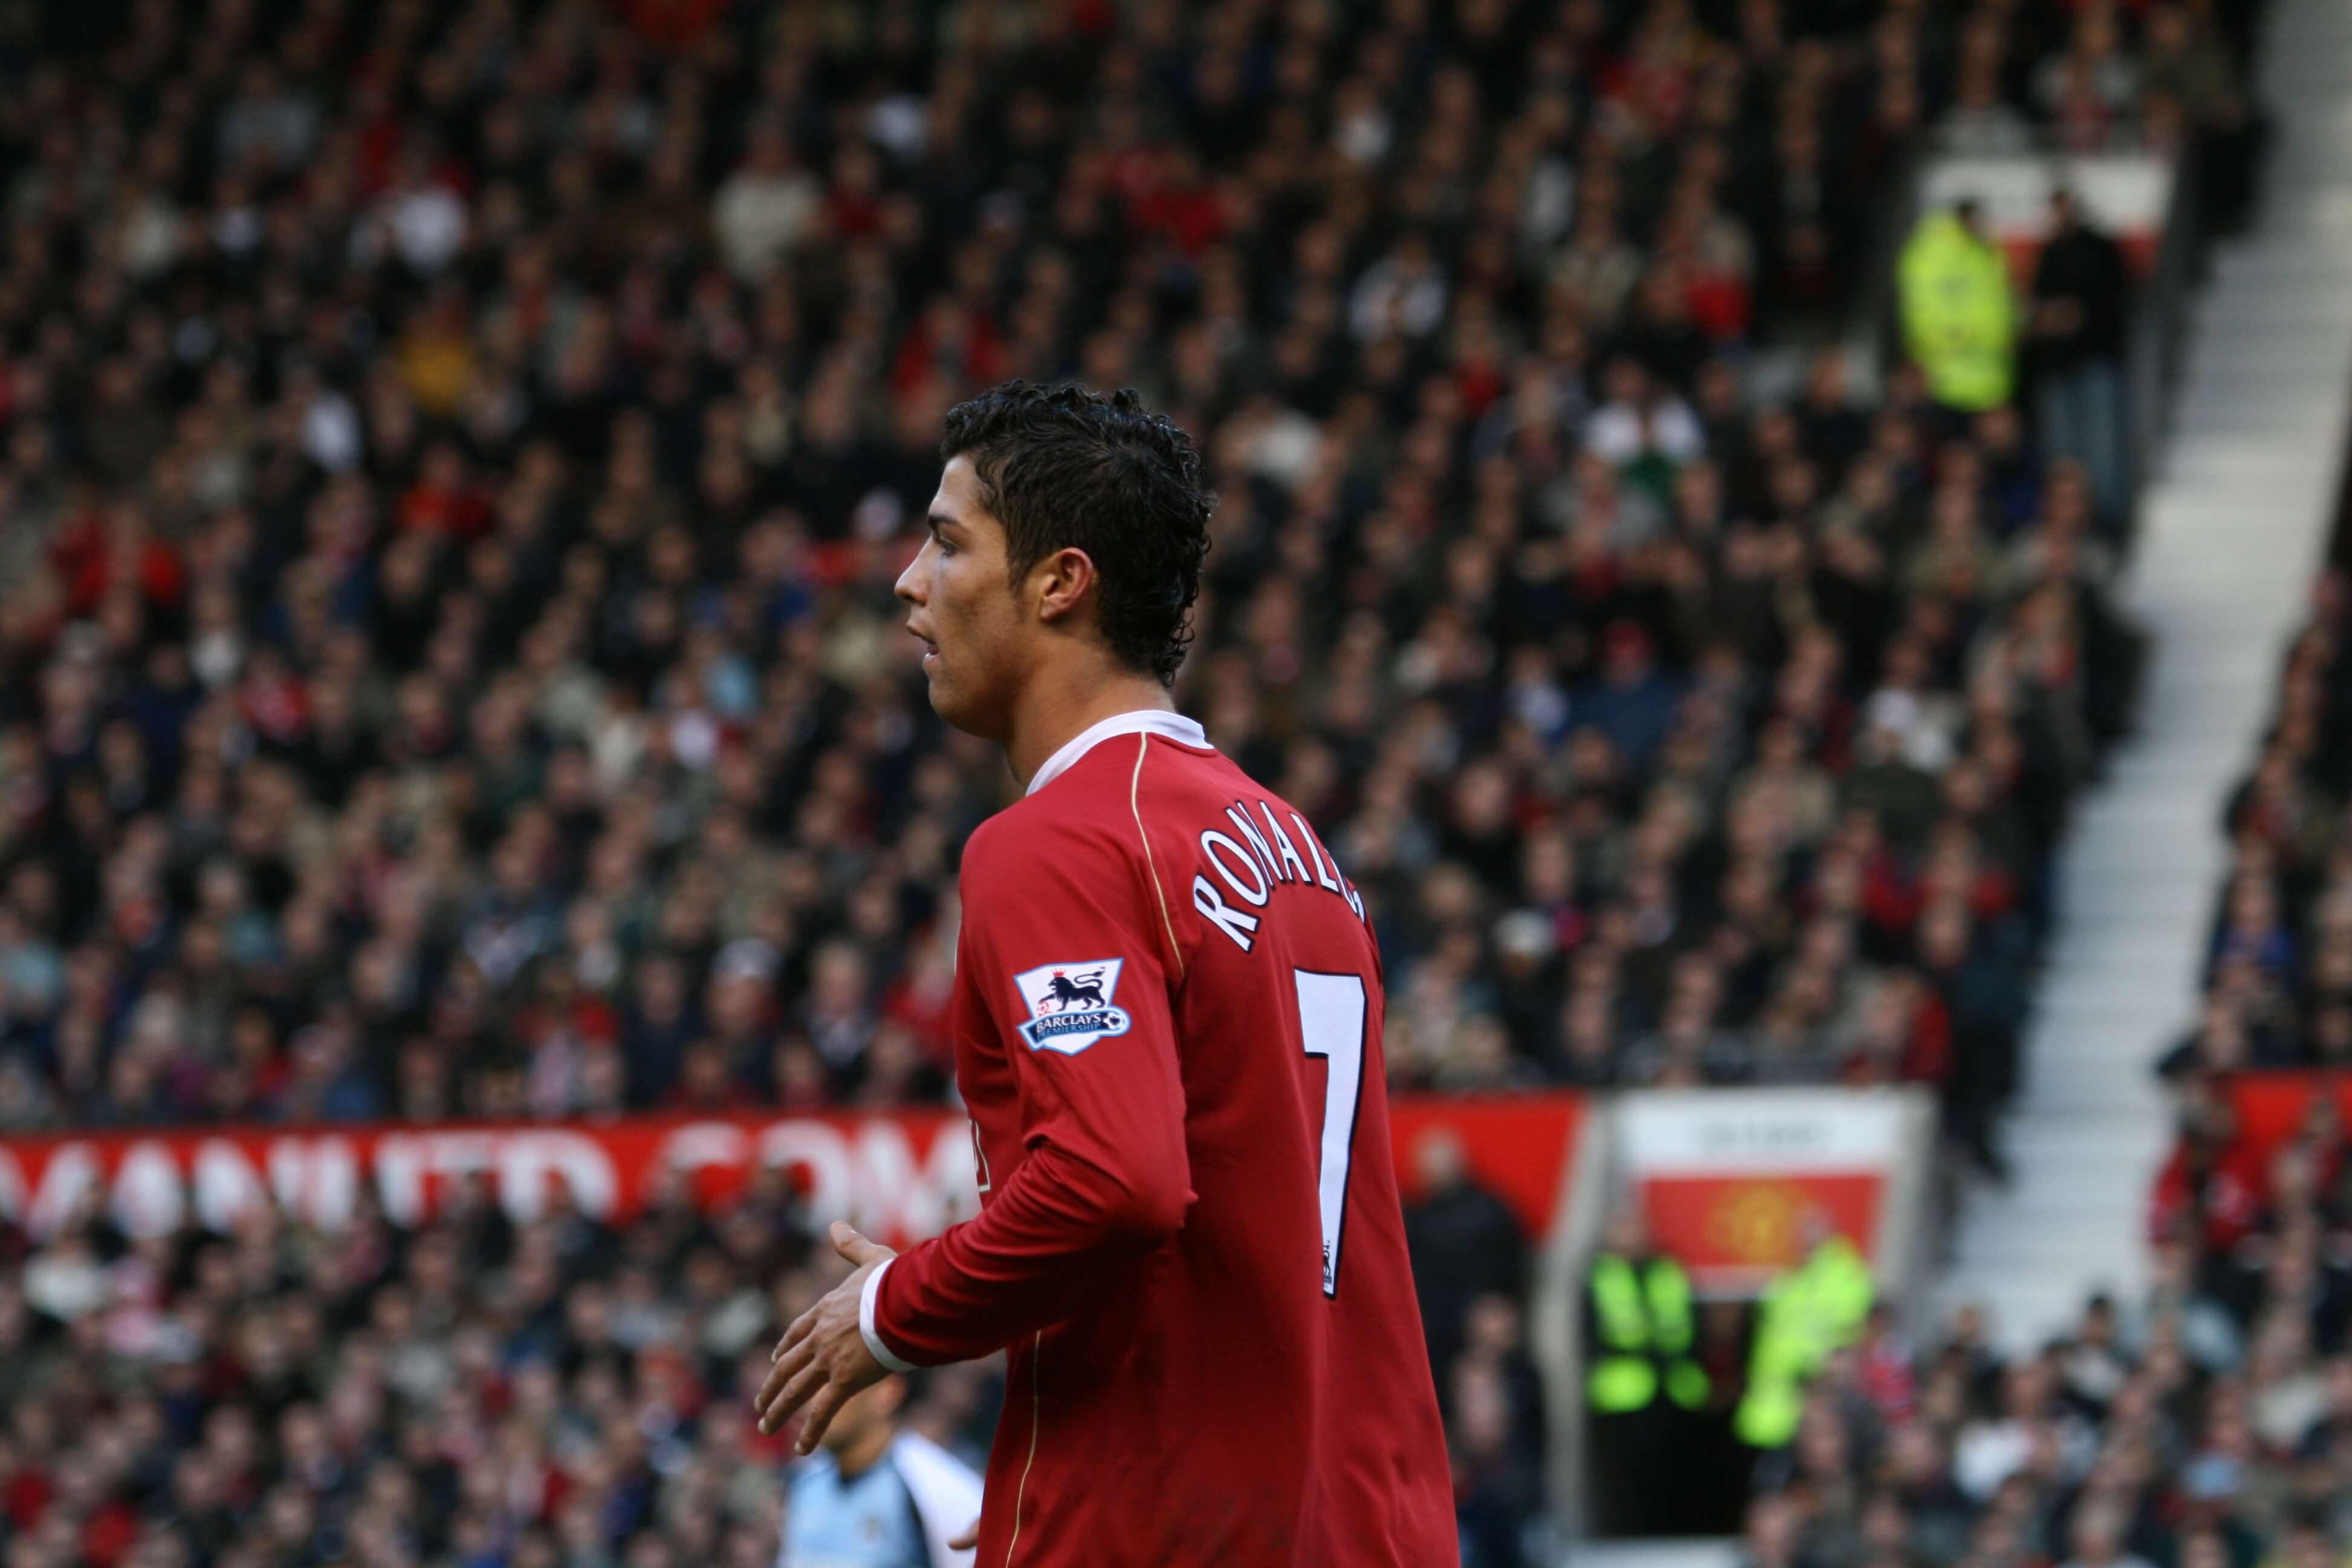 Cristiano Ronaldo a inizio carriera